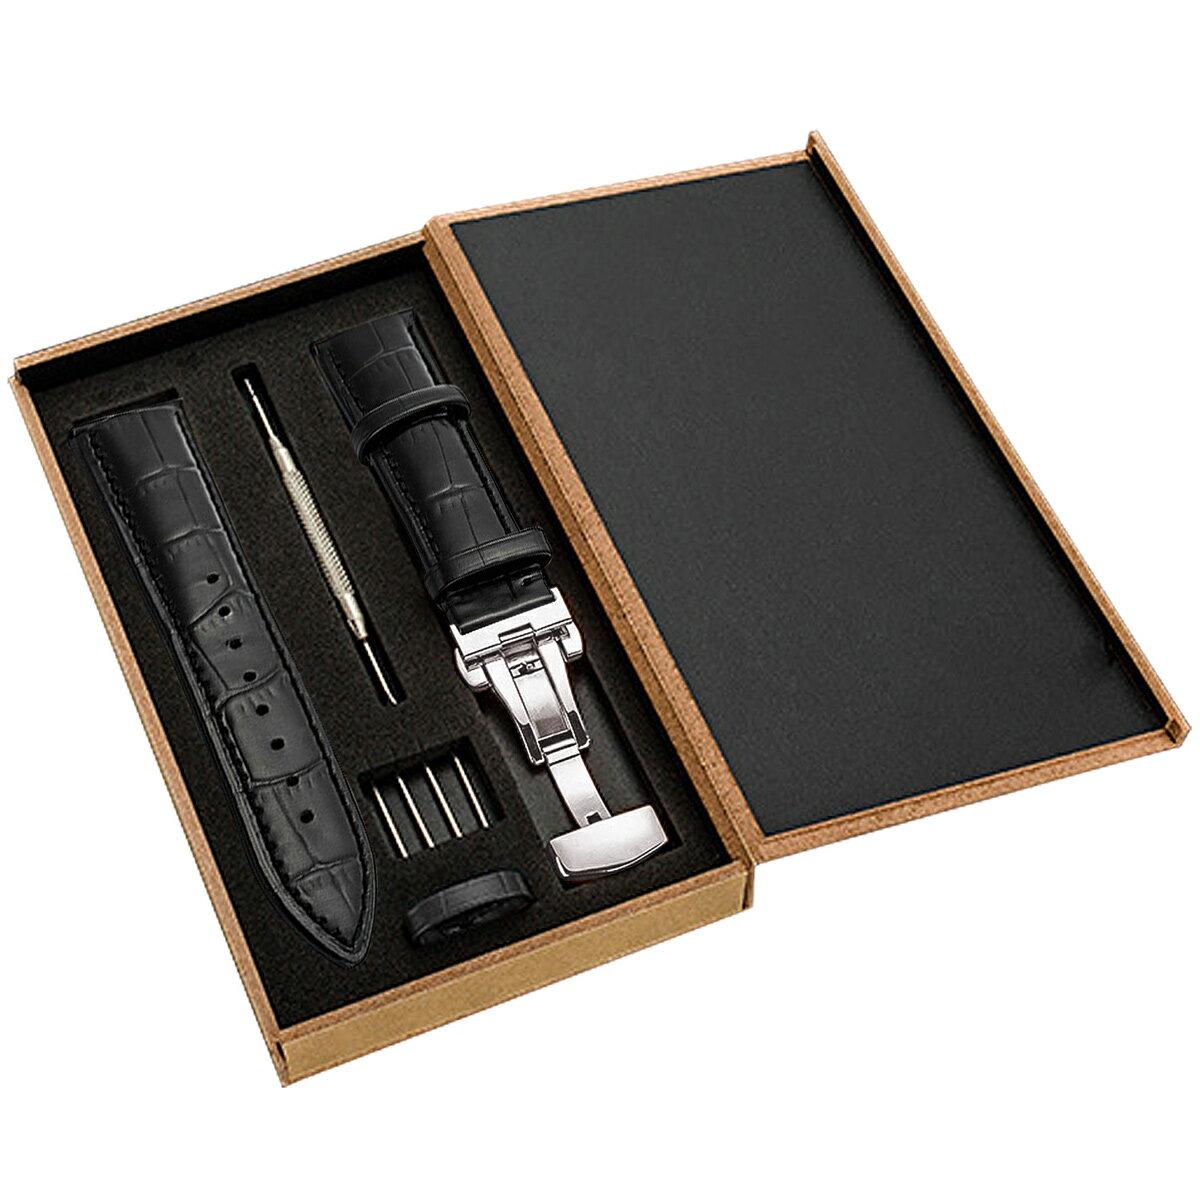 時計バンド 20mm 本革腕時計バンド 交換ベルト Dバックル 防水 防汗 メンズ腕時計レザーベルト 工具付き ボックス付き